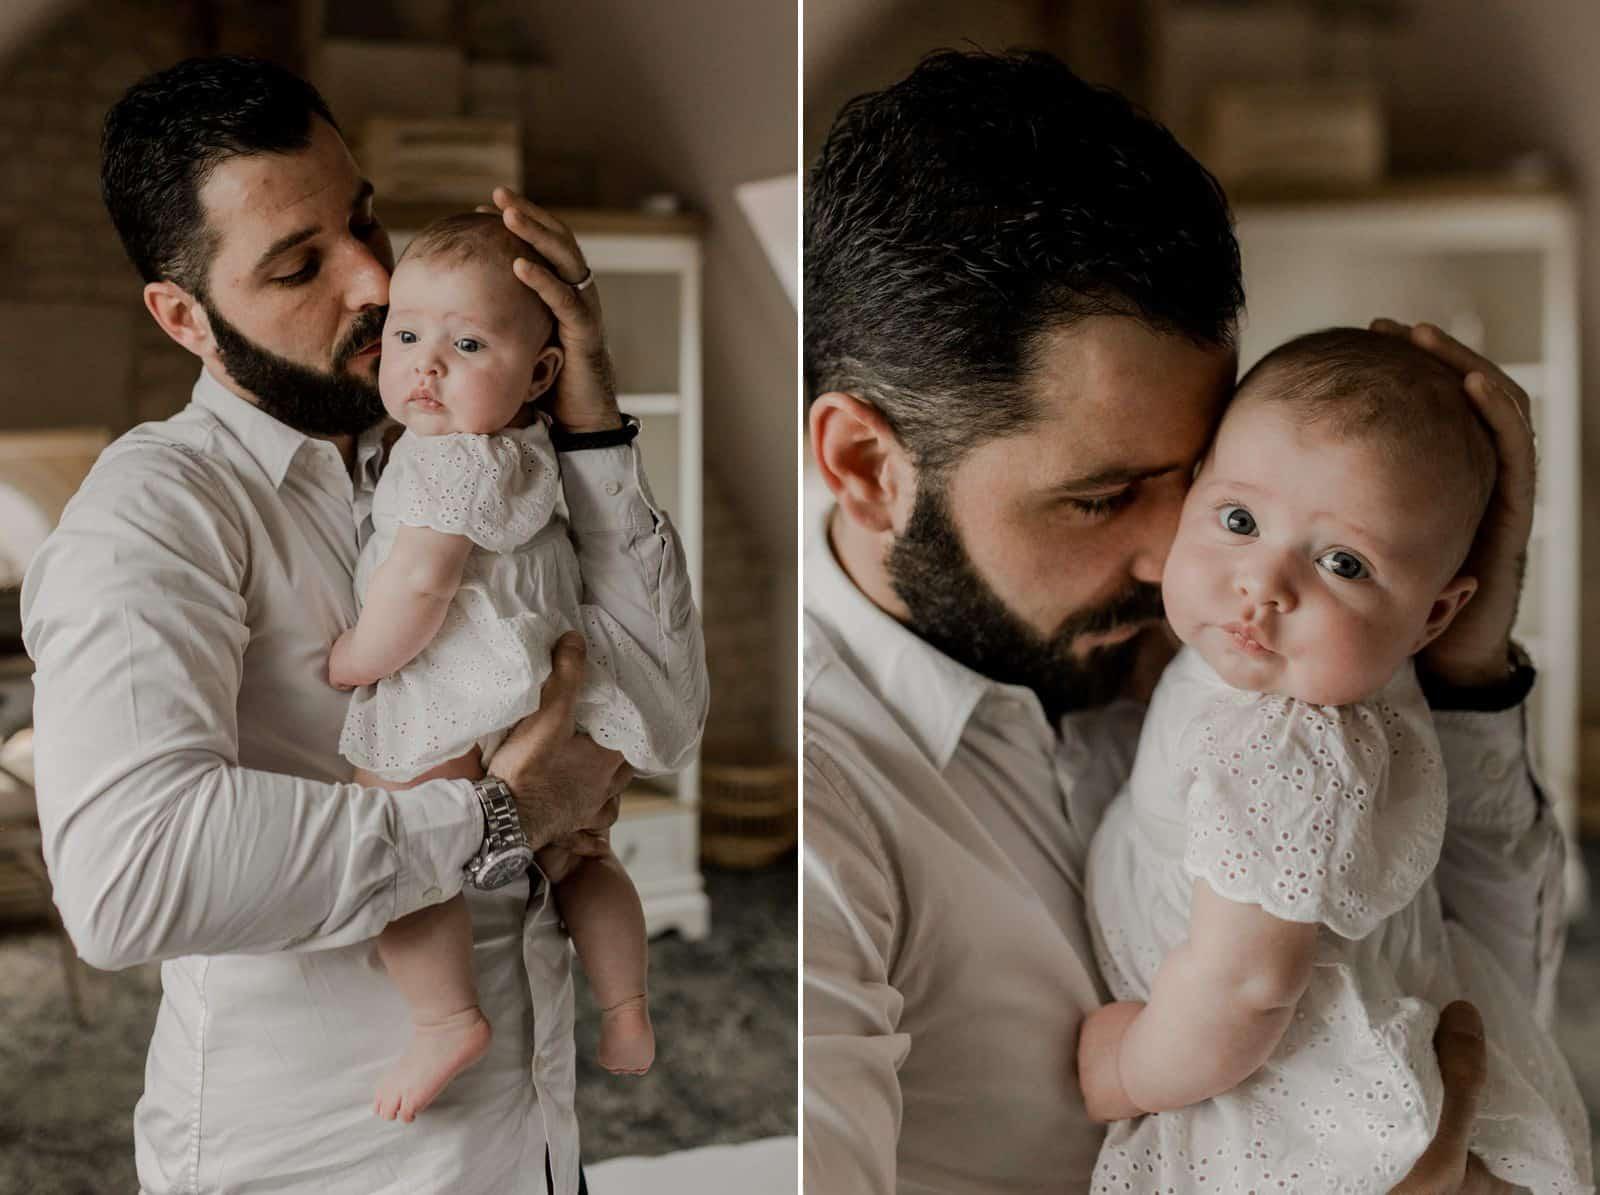 Trouver un photographe pour des photos de bébé